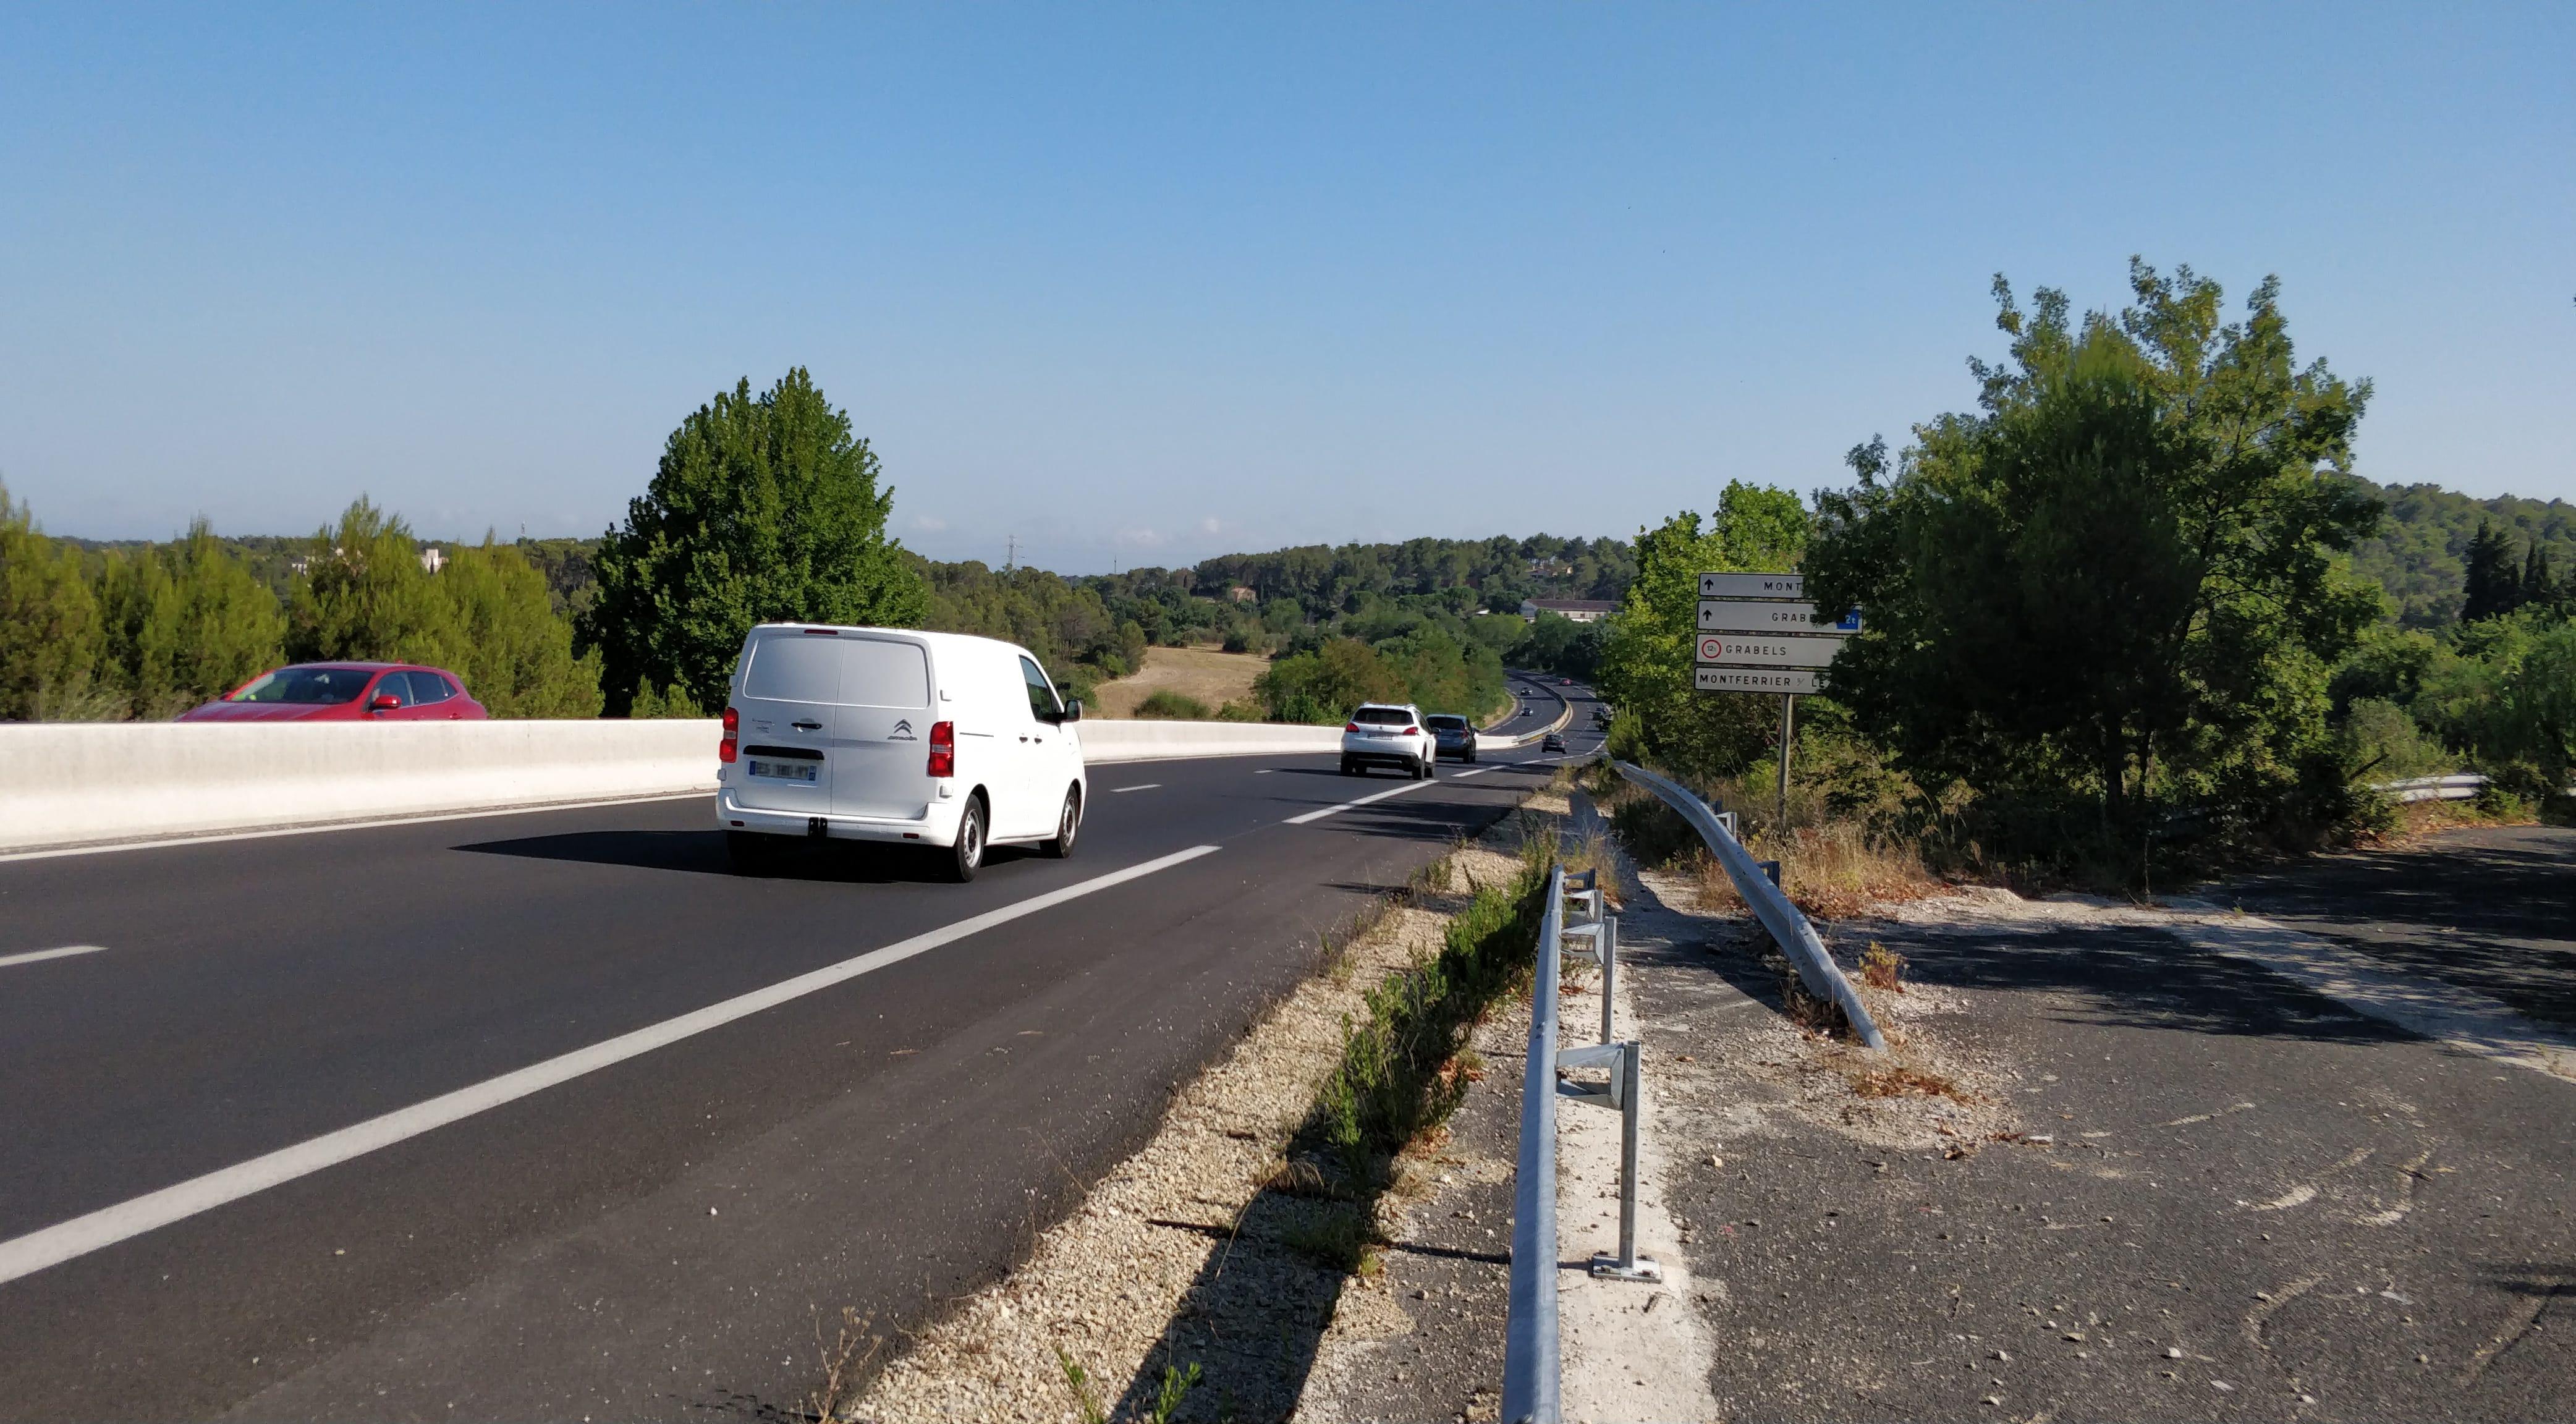 La double voie entre Saint-Gély-du-Fesc et Montpellier. Photo : Christophe Colrat